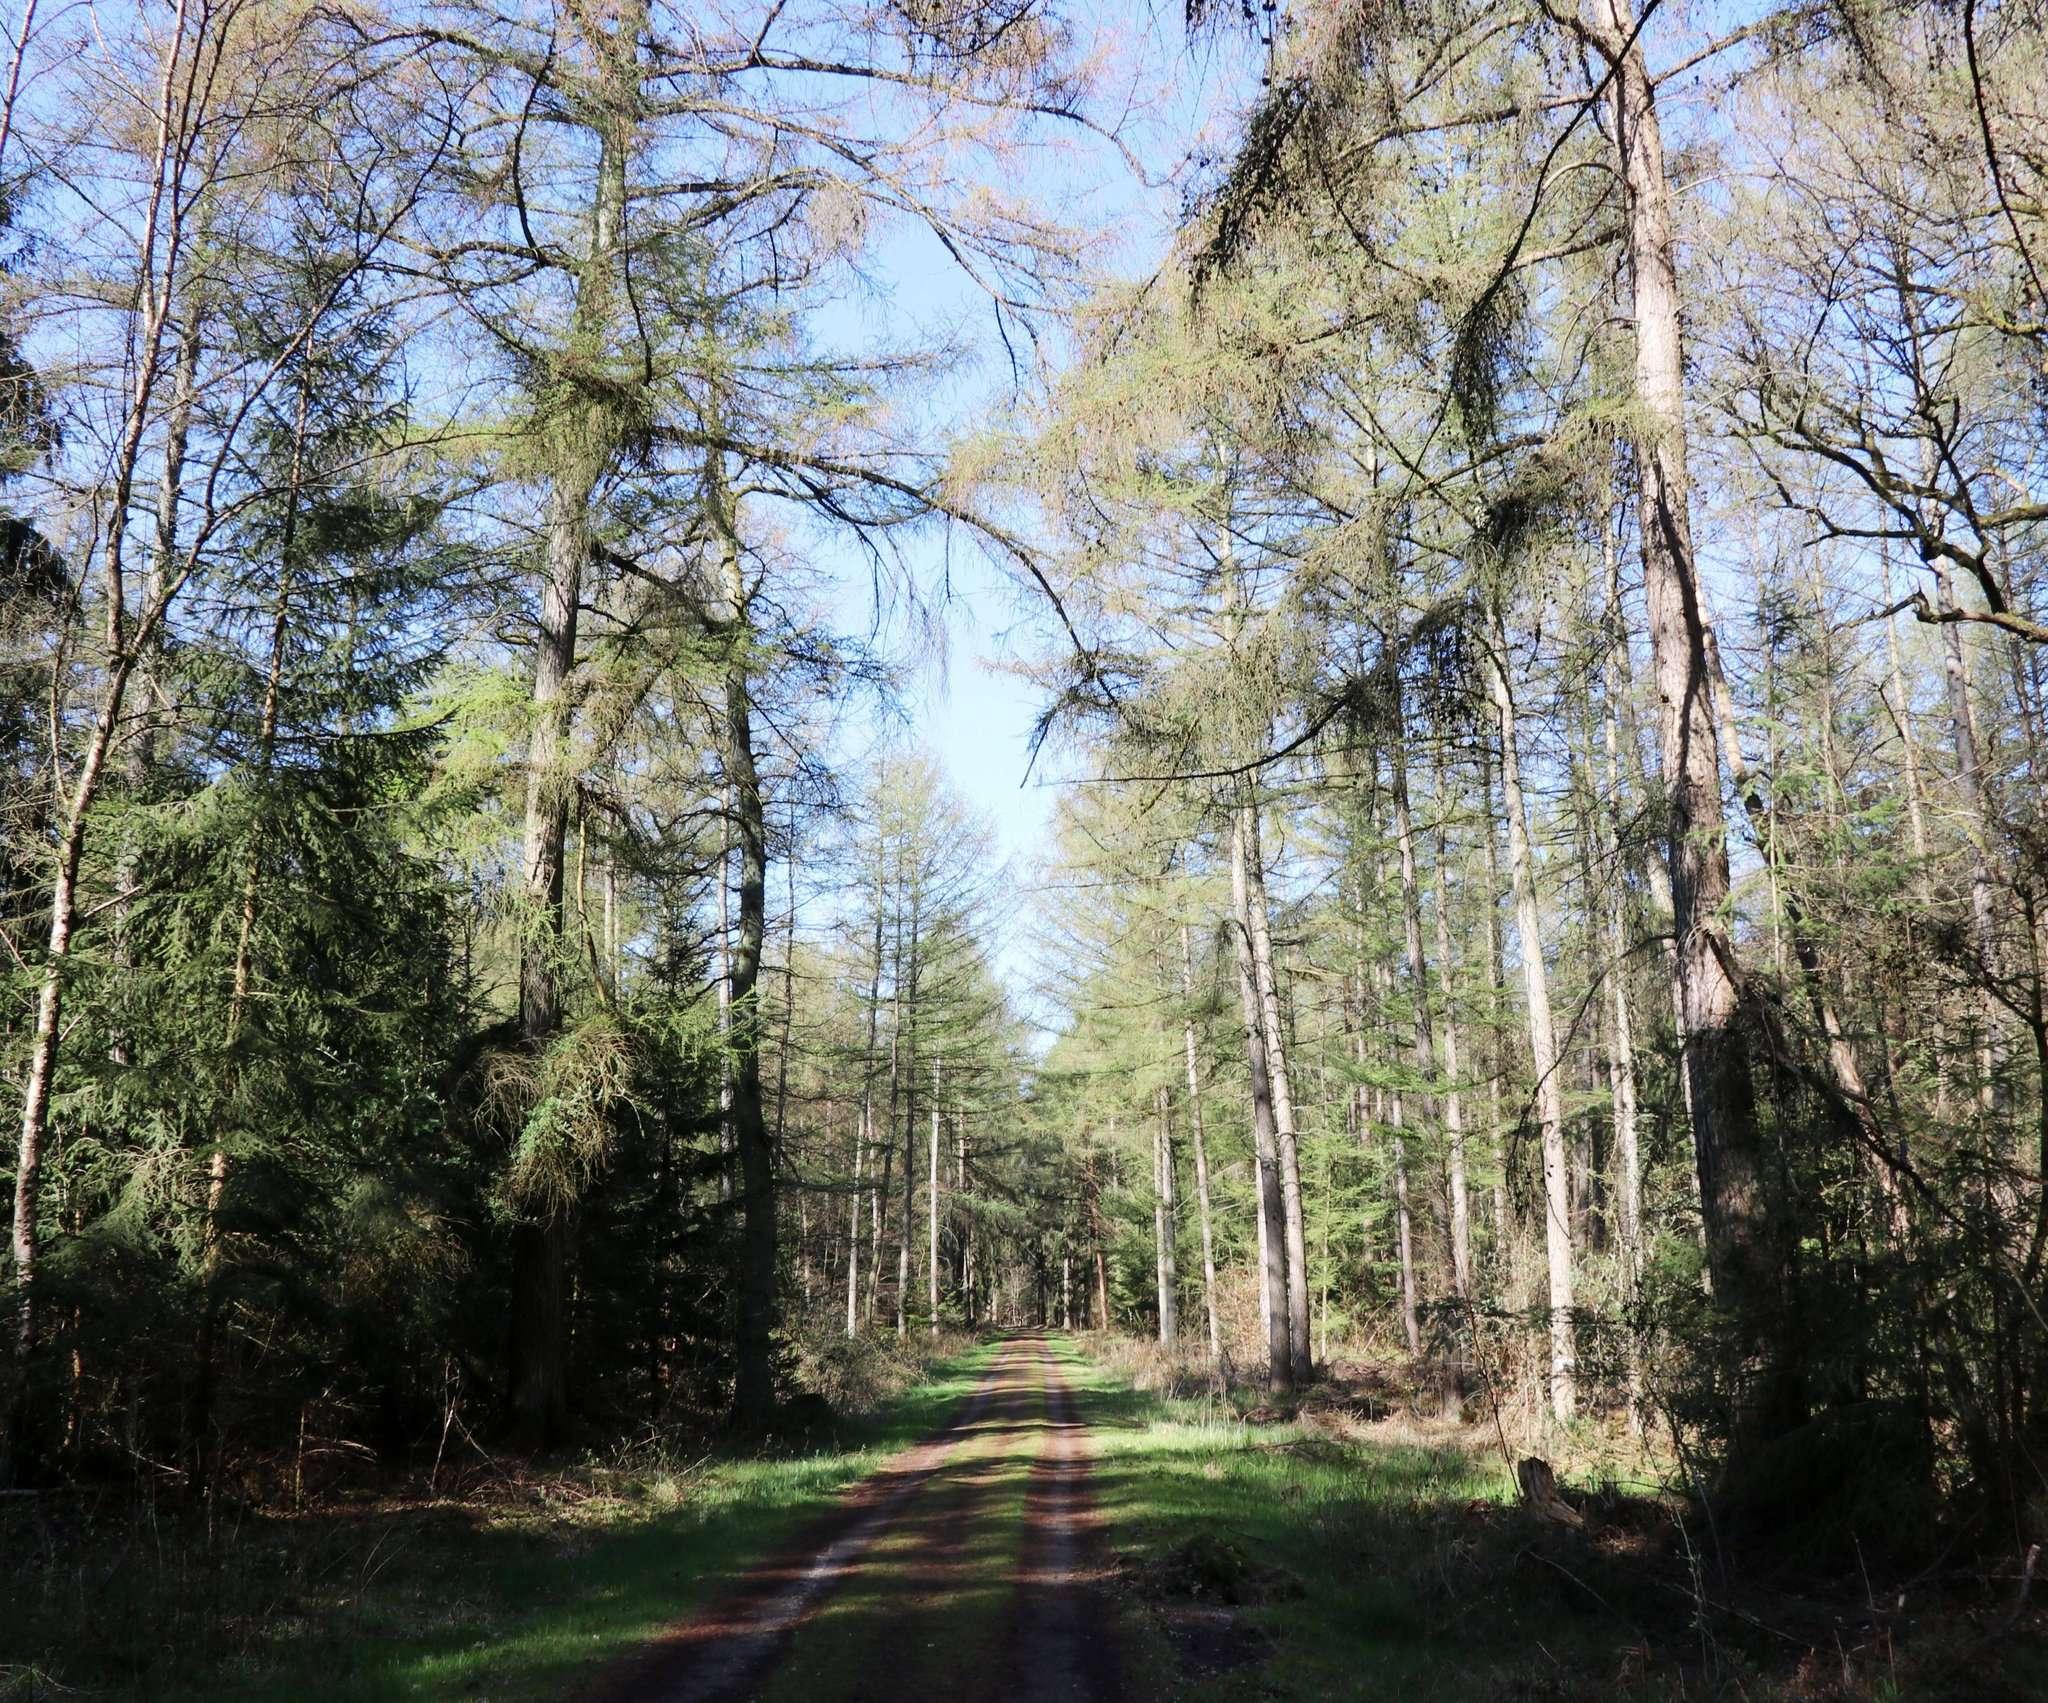 Der Blick ins Grüne allein sorgt im Wald schon für Entspannung. Und es lohnt sich, genauer hinzuschauen. Und auch einmal hinzuhören. Fotos: Nina Baucke